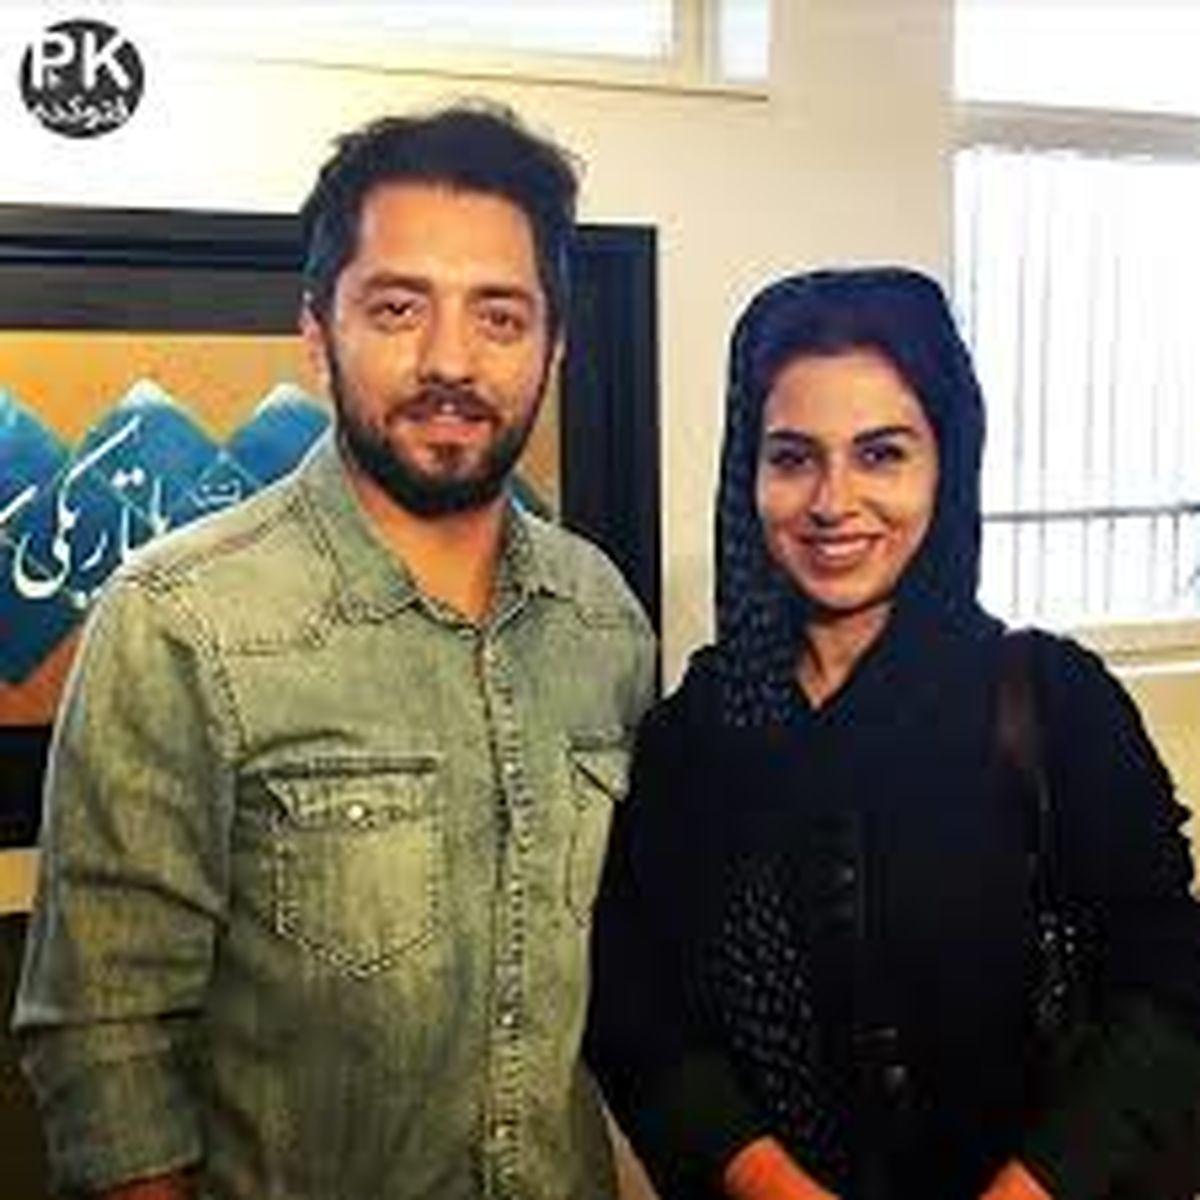 عکس لورفته از بهرام رادان در کنار همسر اول اقای بازیگر + عکس خصوصی